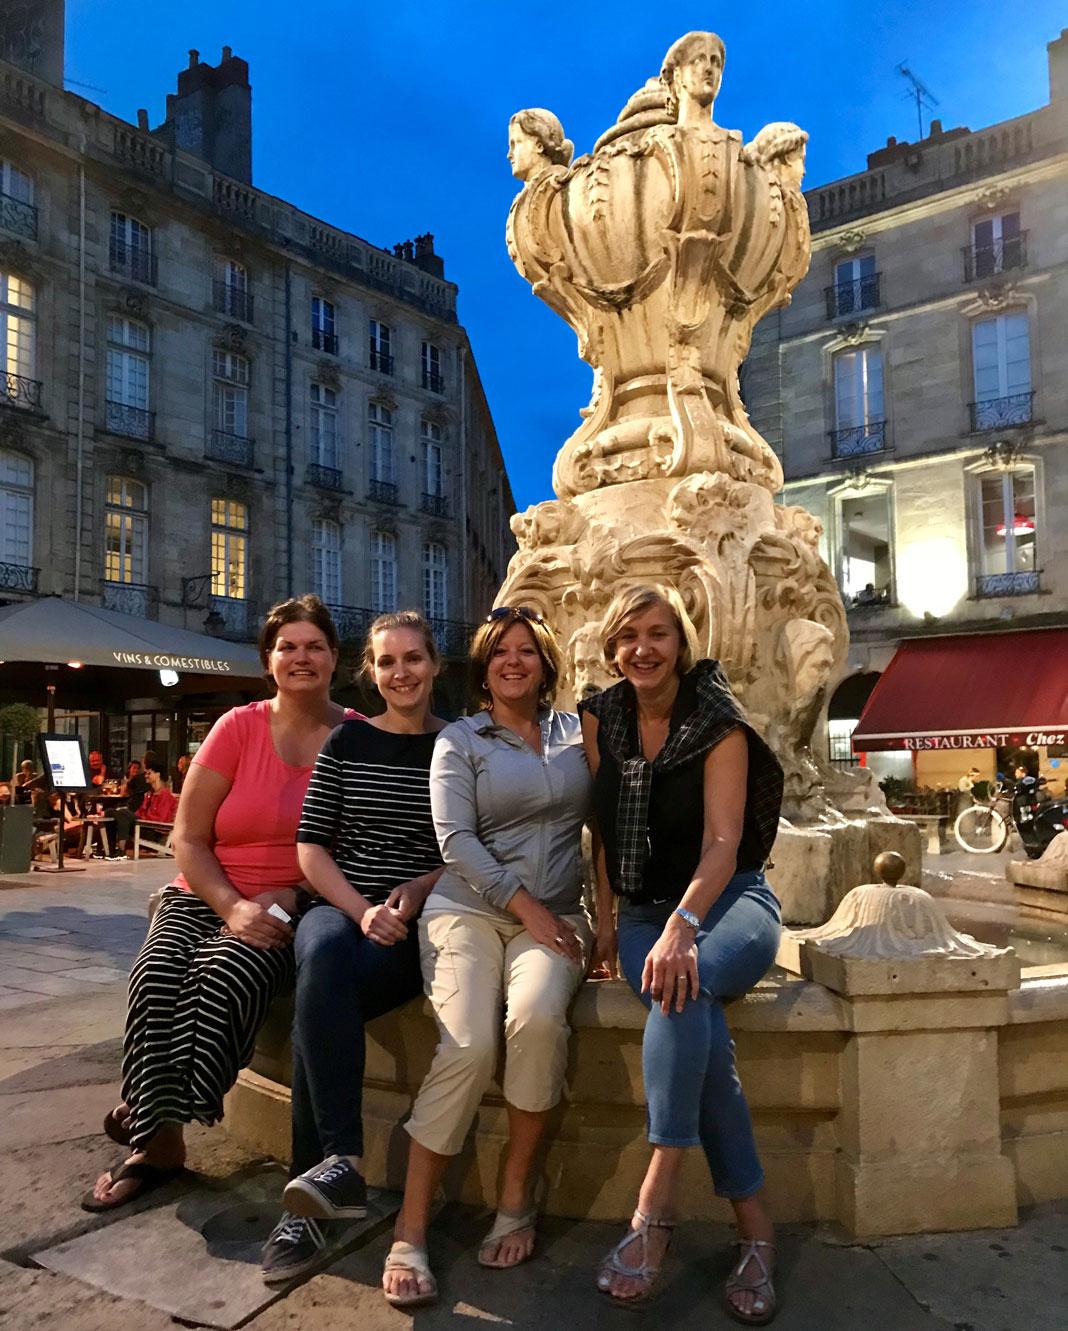 4 femmes assises sur le bord d'une fontaine